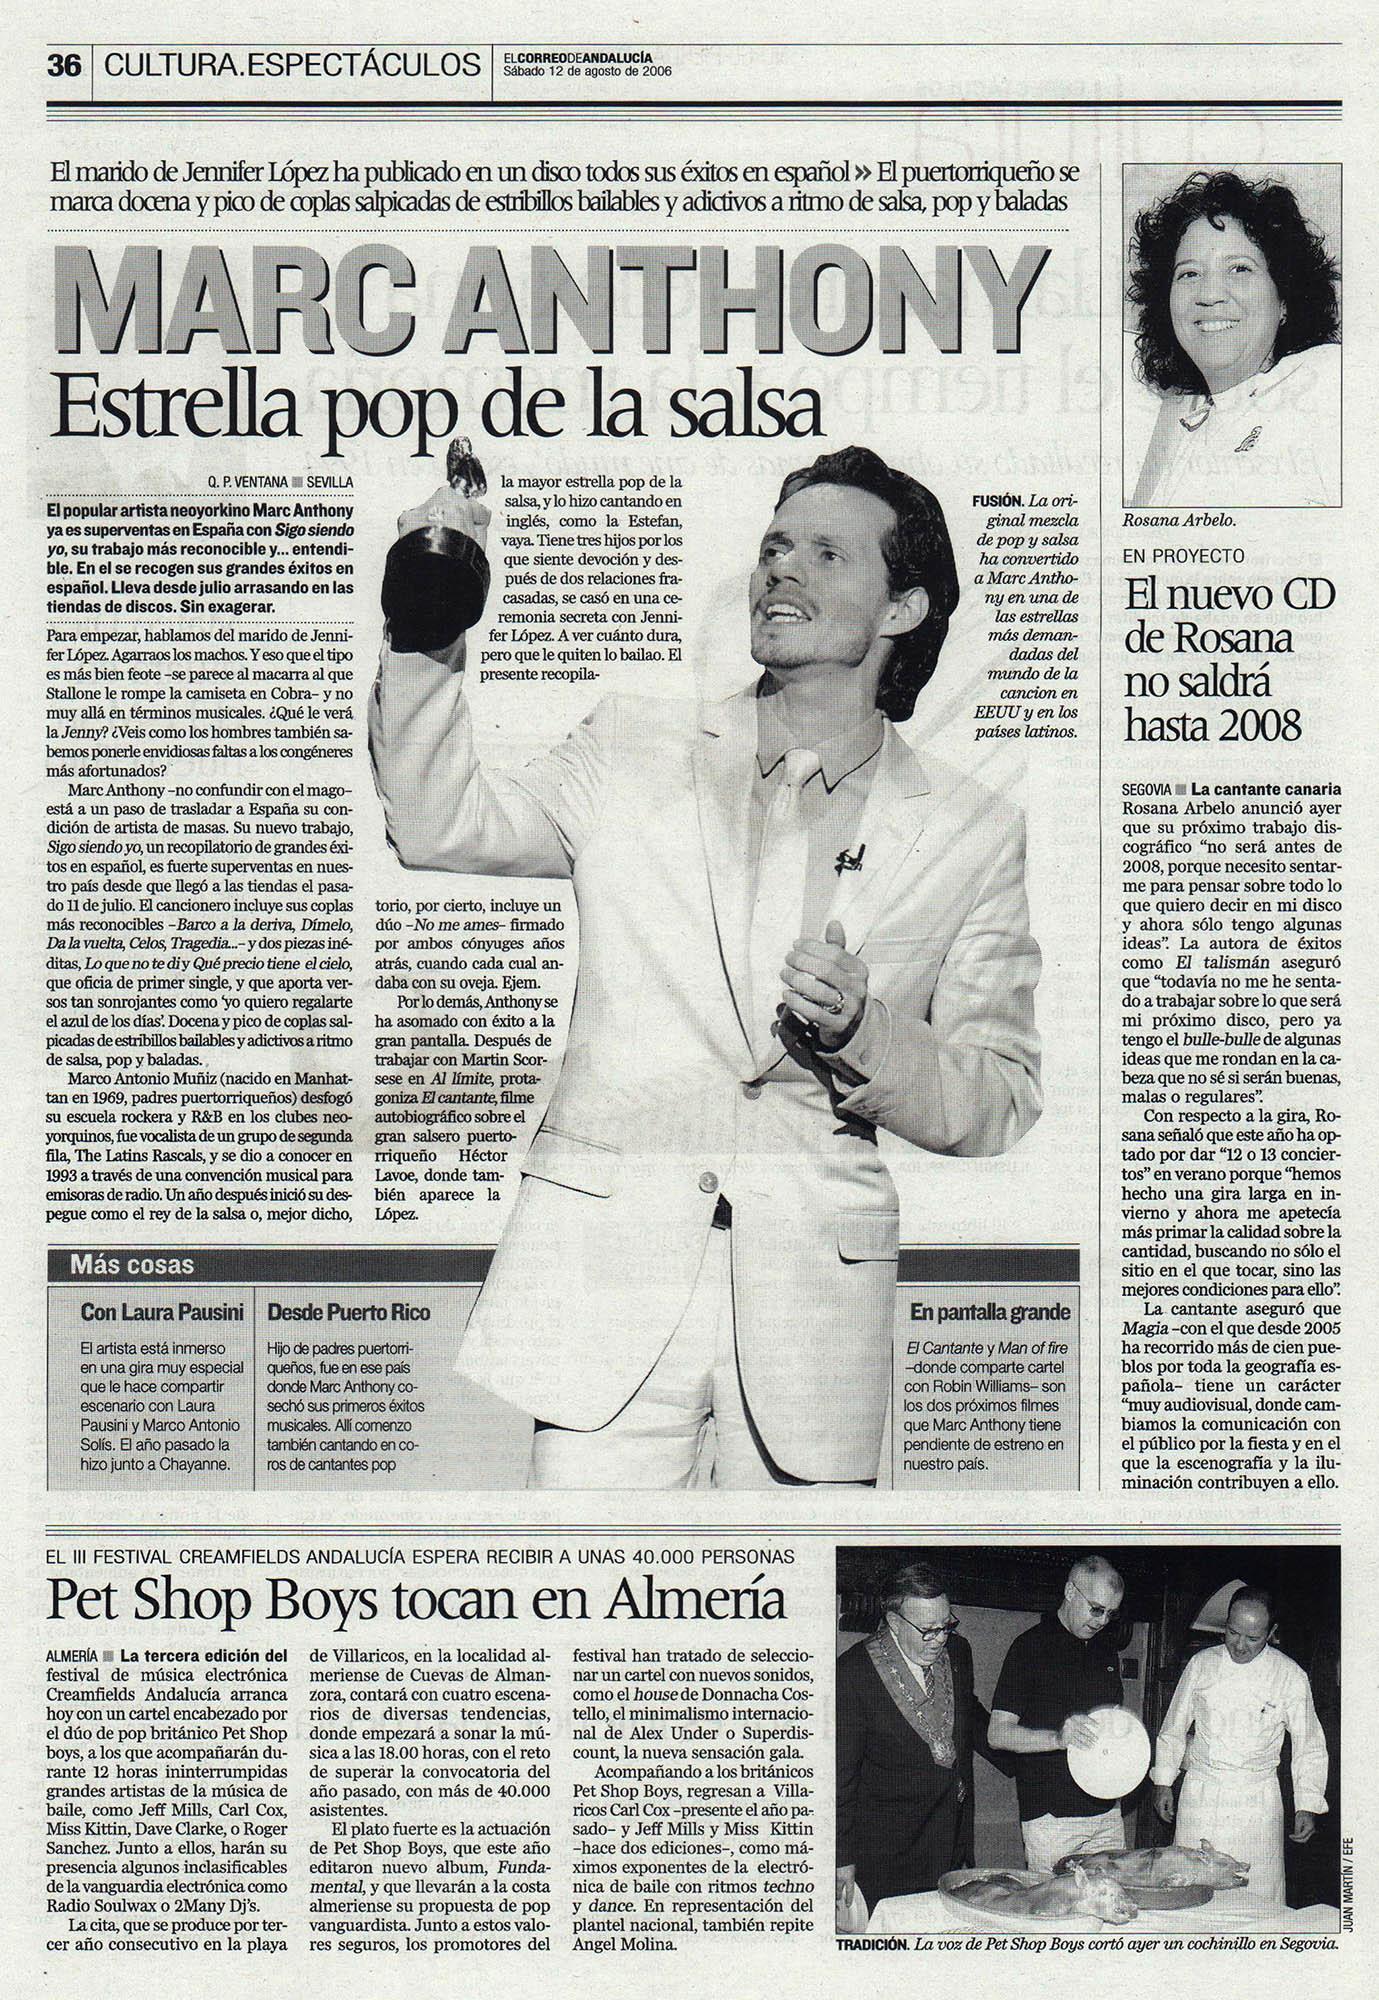 Marc Anthony, estrella pop de la salsa | El Correo de Andalucía | 12 ago 2006